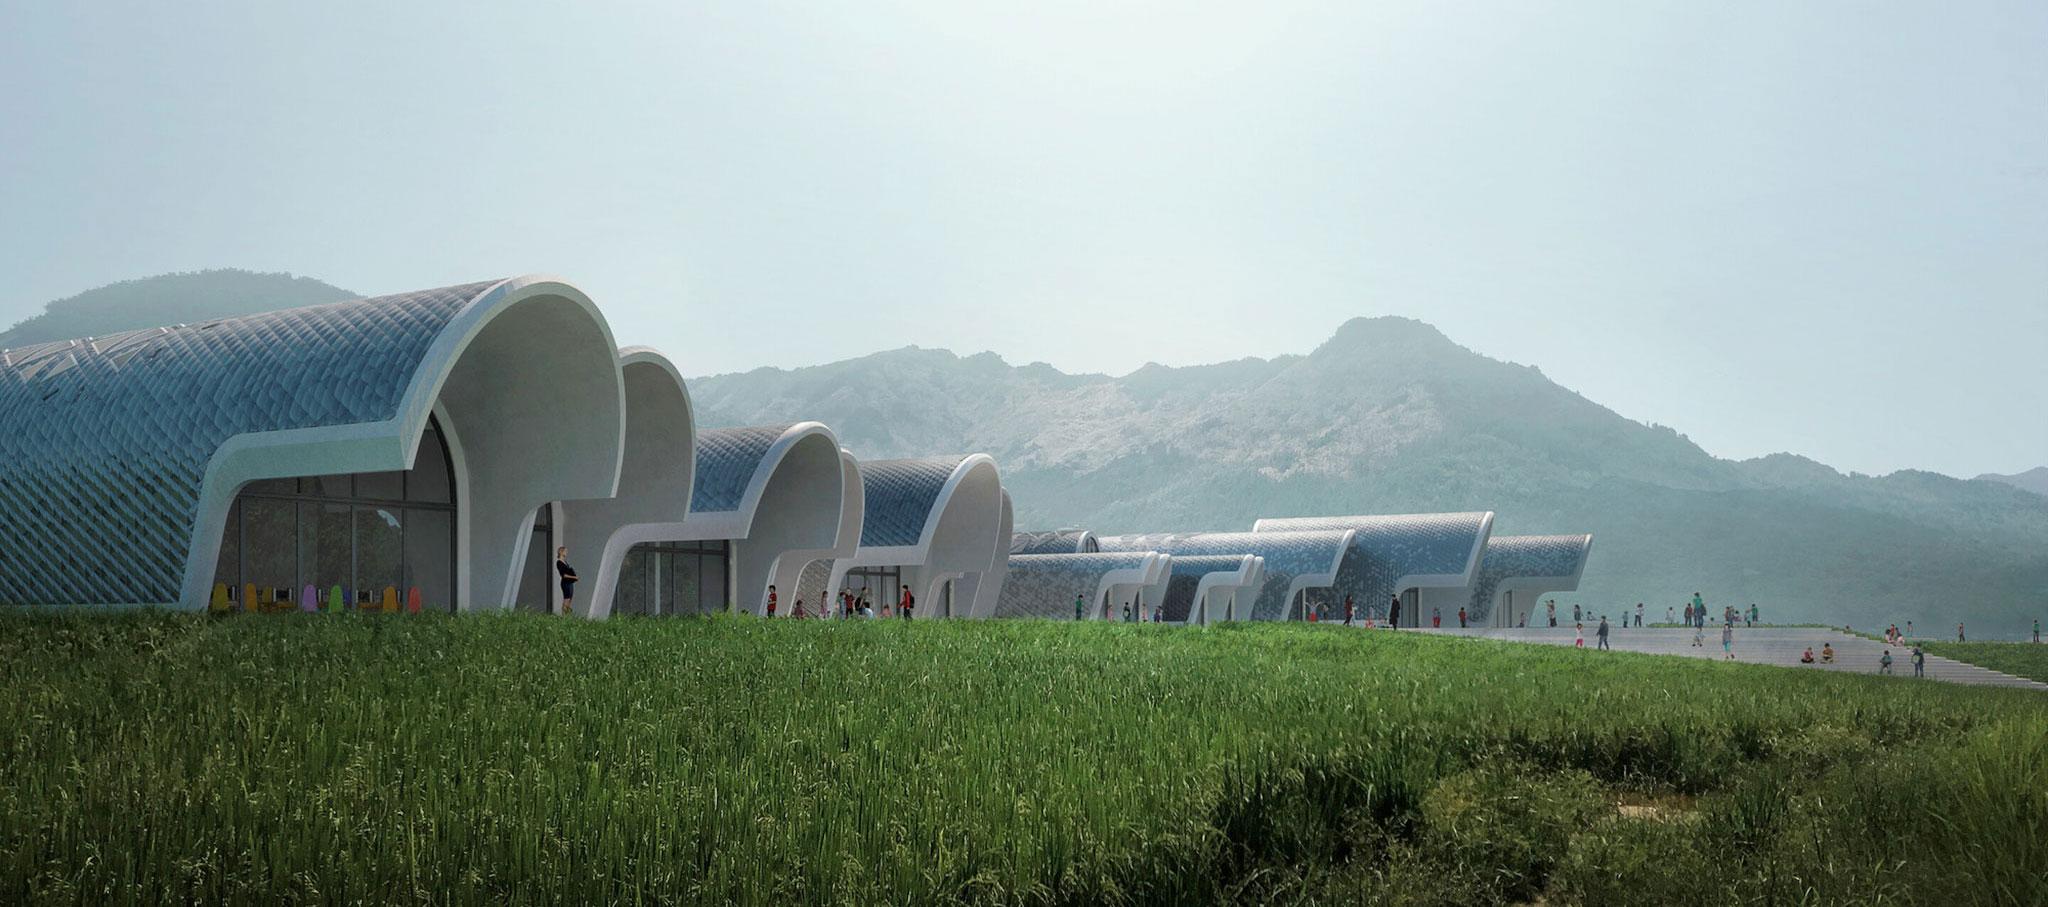 Exterior. Campus Escolar de Bóvedas-Parabólicas por Zaha Hadid Architects. Imagen por VA. Imagen cortesía de ZHA